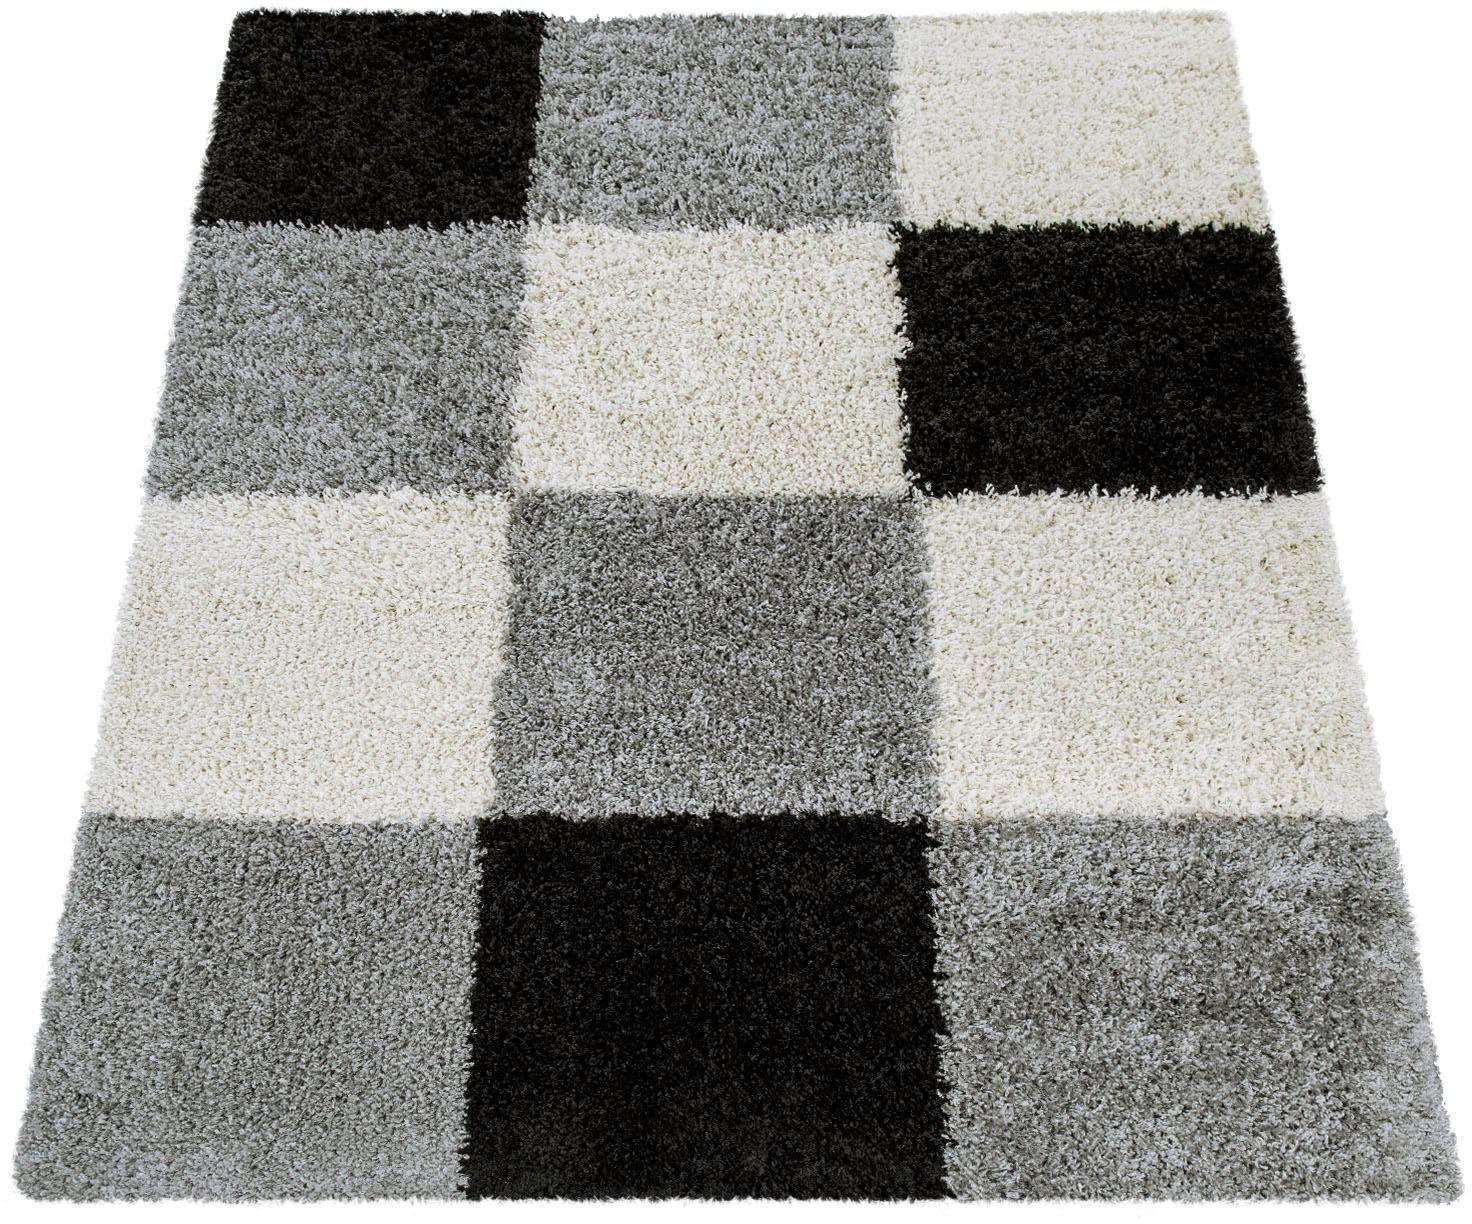 Hochflor-Teppich Mango 316 Paco Home rechteckig Höhe 35 mm maschinell gewebt